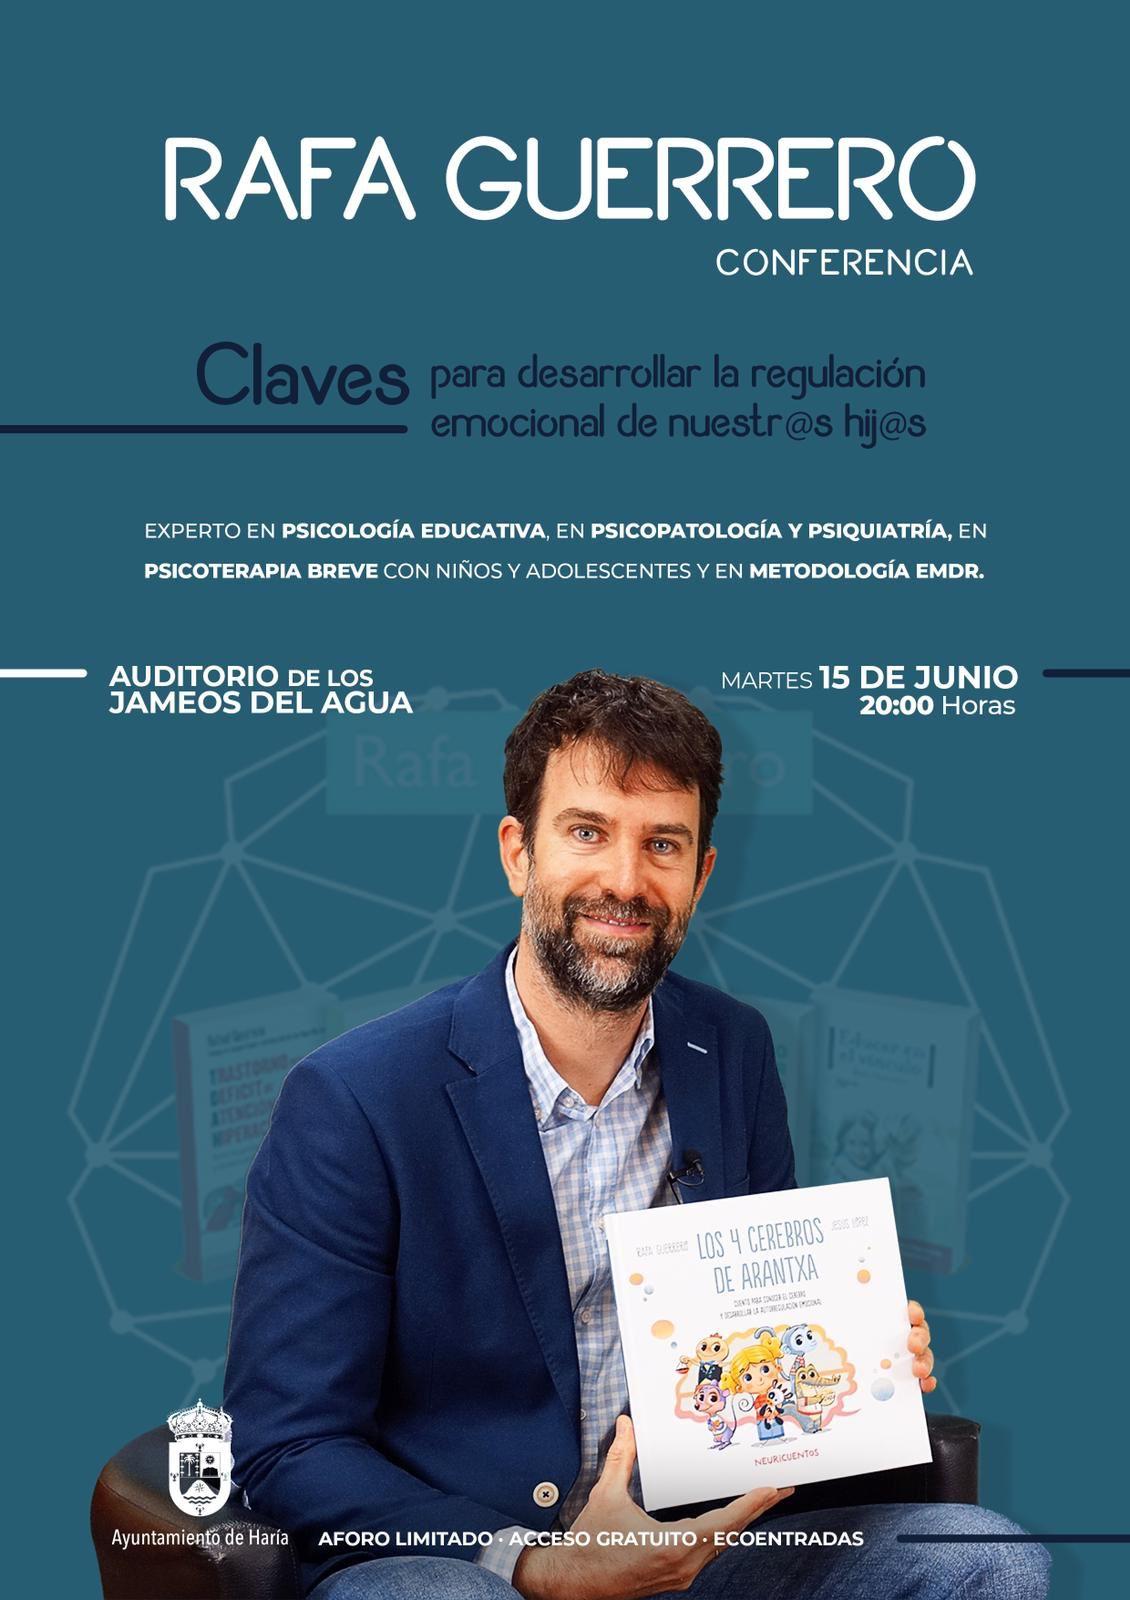 Haría acoge la conferencia de Rafa Guerrero, 'Claves para desarrollar la regulación emocional de nuestr@s hij@s'